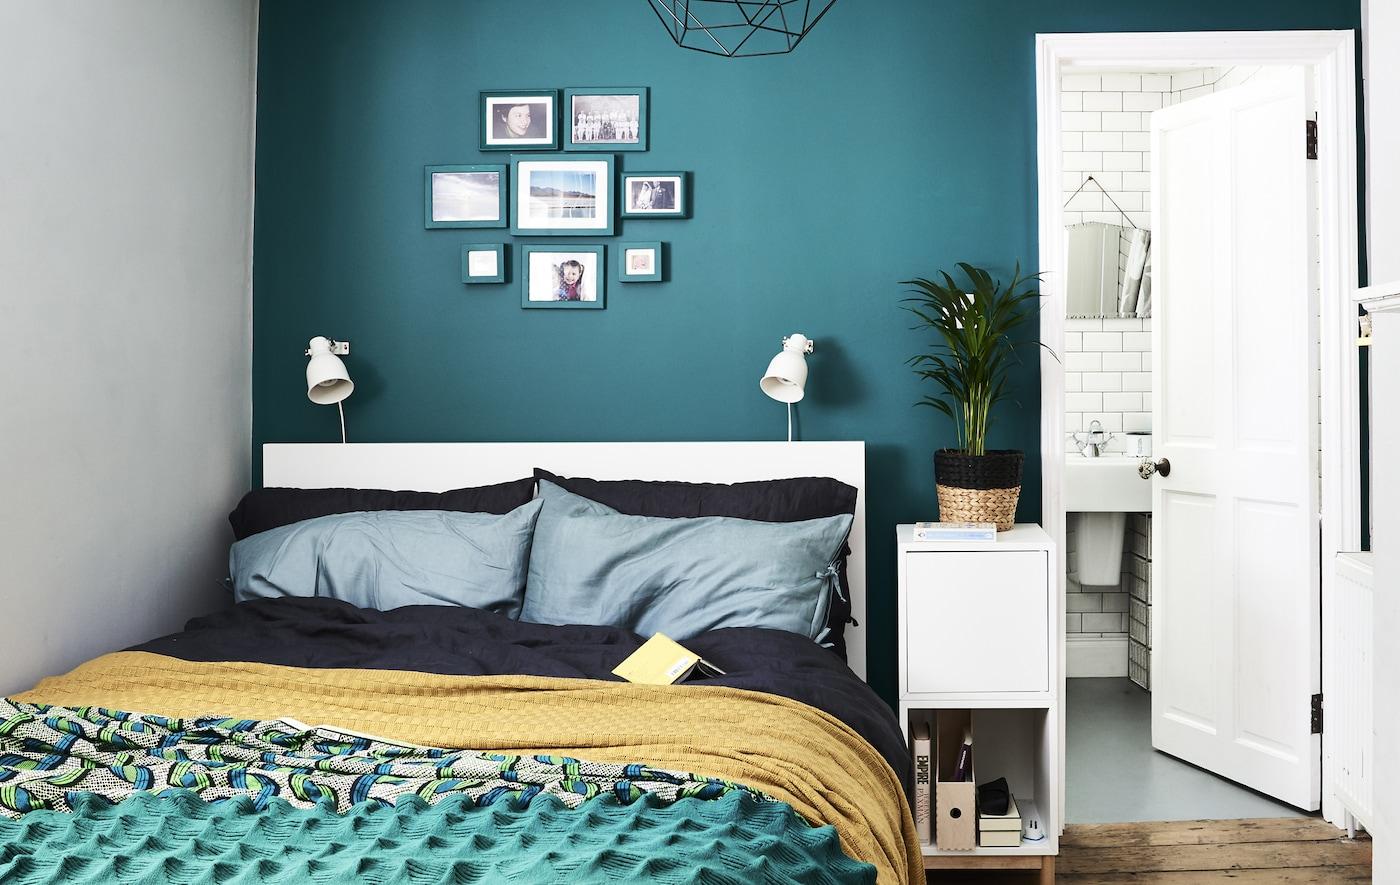 Gostava de novas ideias para a decoração de casa? Crie uma mesa de DJ com móveis modernos da IKEA! Crie uma solução de arrumação assimétrica ou inesperada com alguns armários EKET em laranja e preencha-os com os seus objetos.